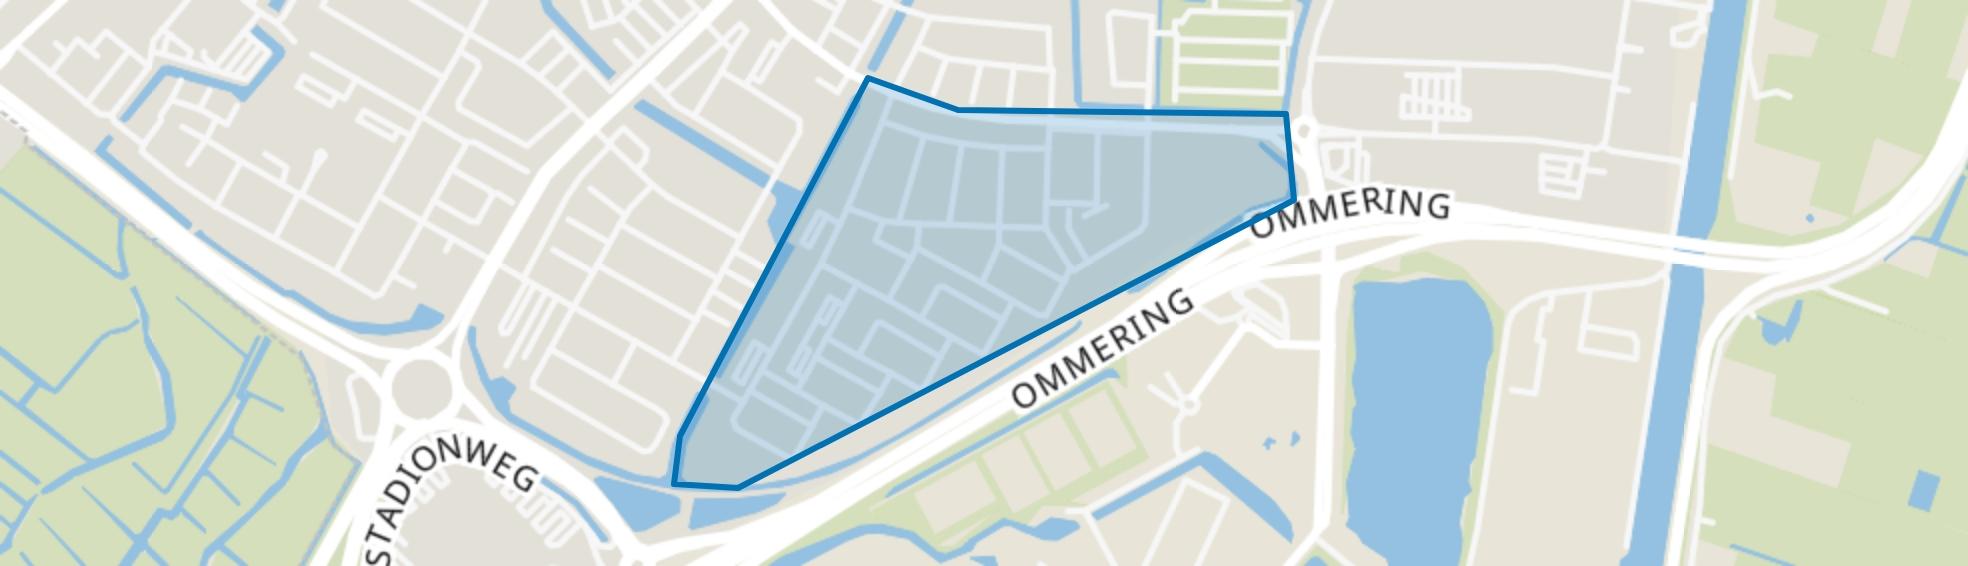 Overdie-Oost, Alkmaar map